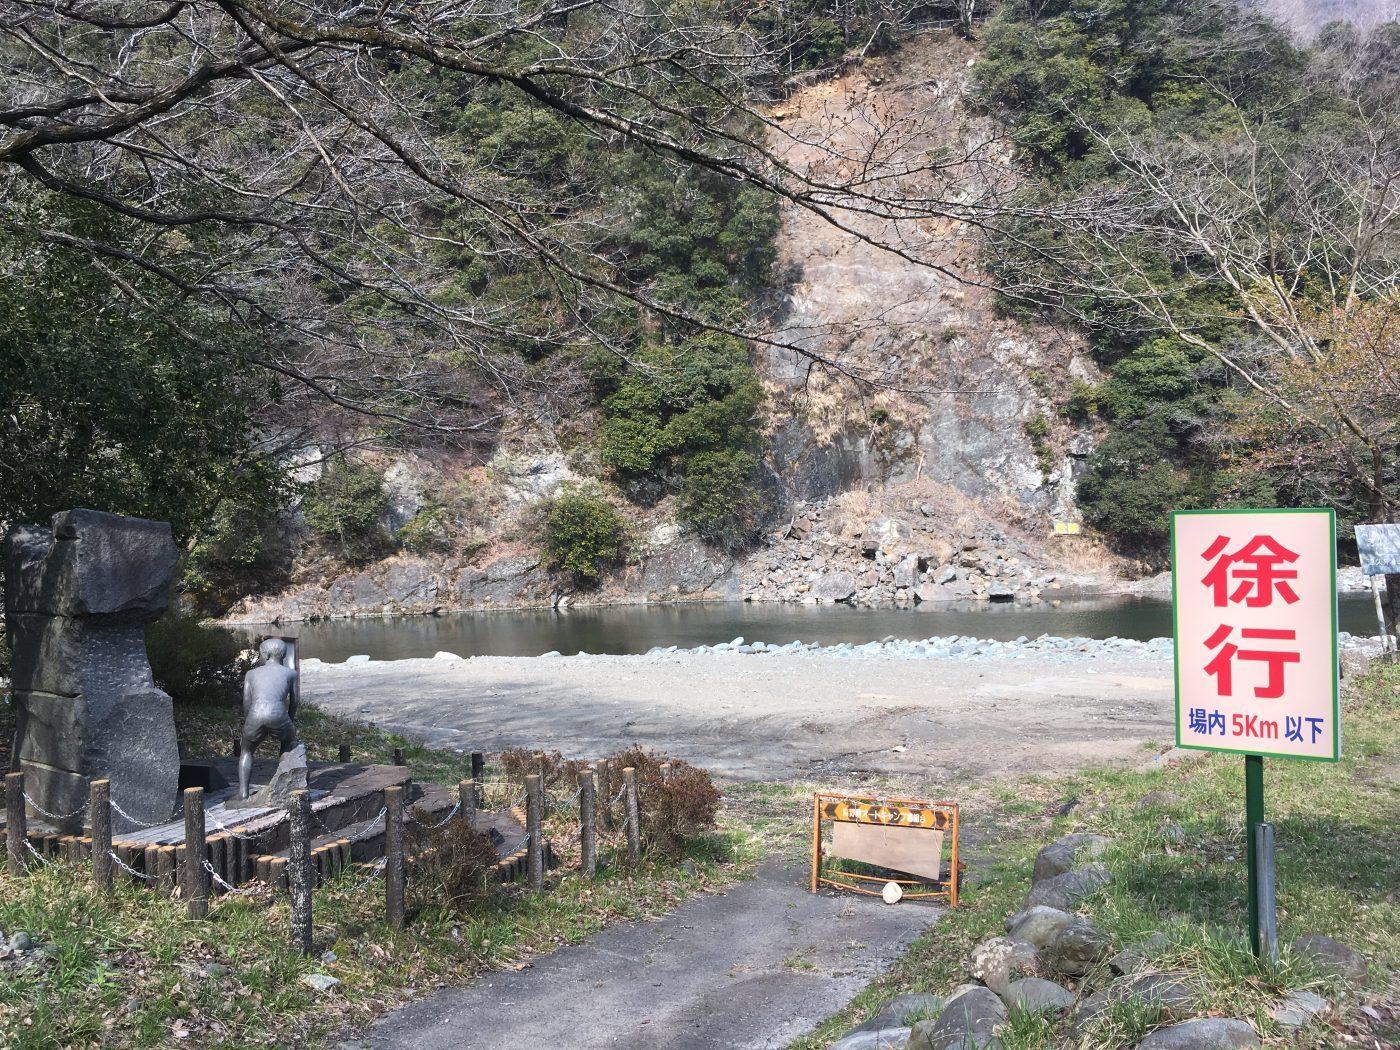 道志川の清流が流れています